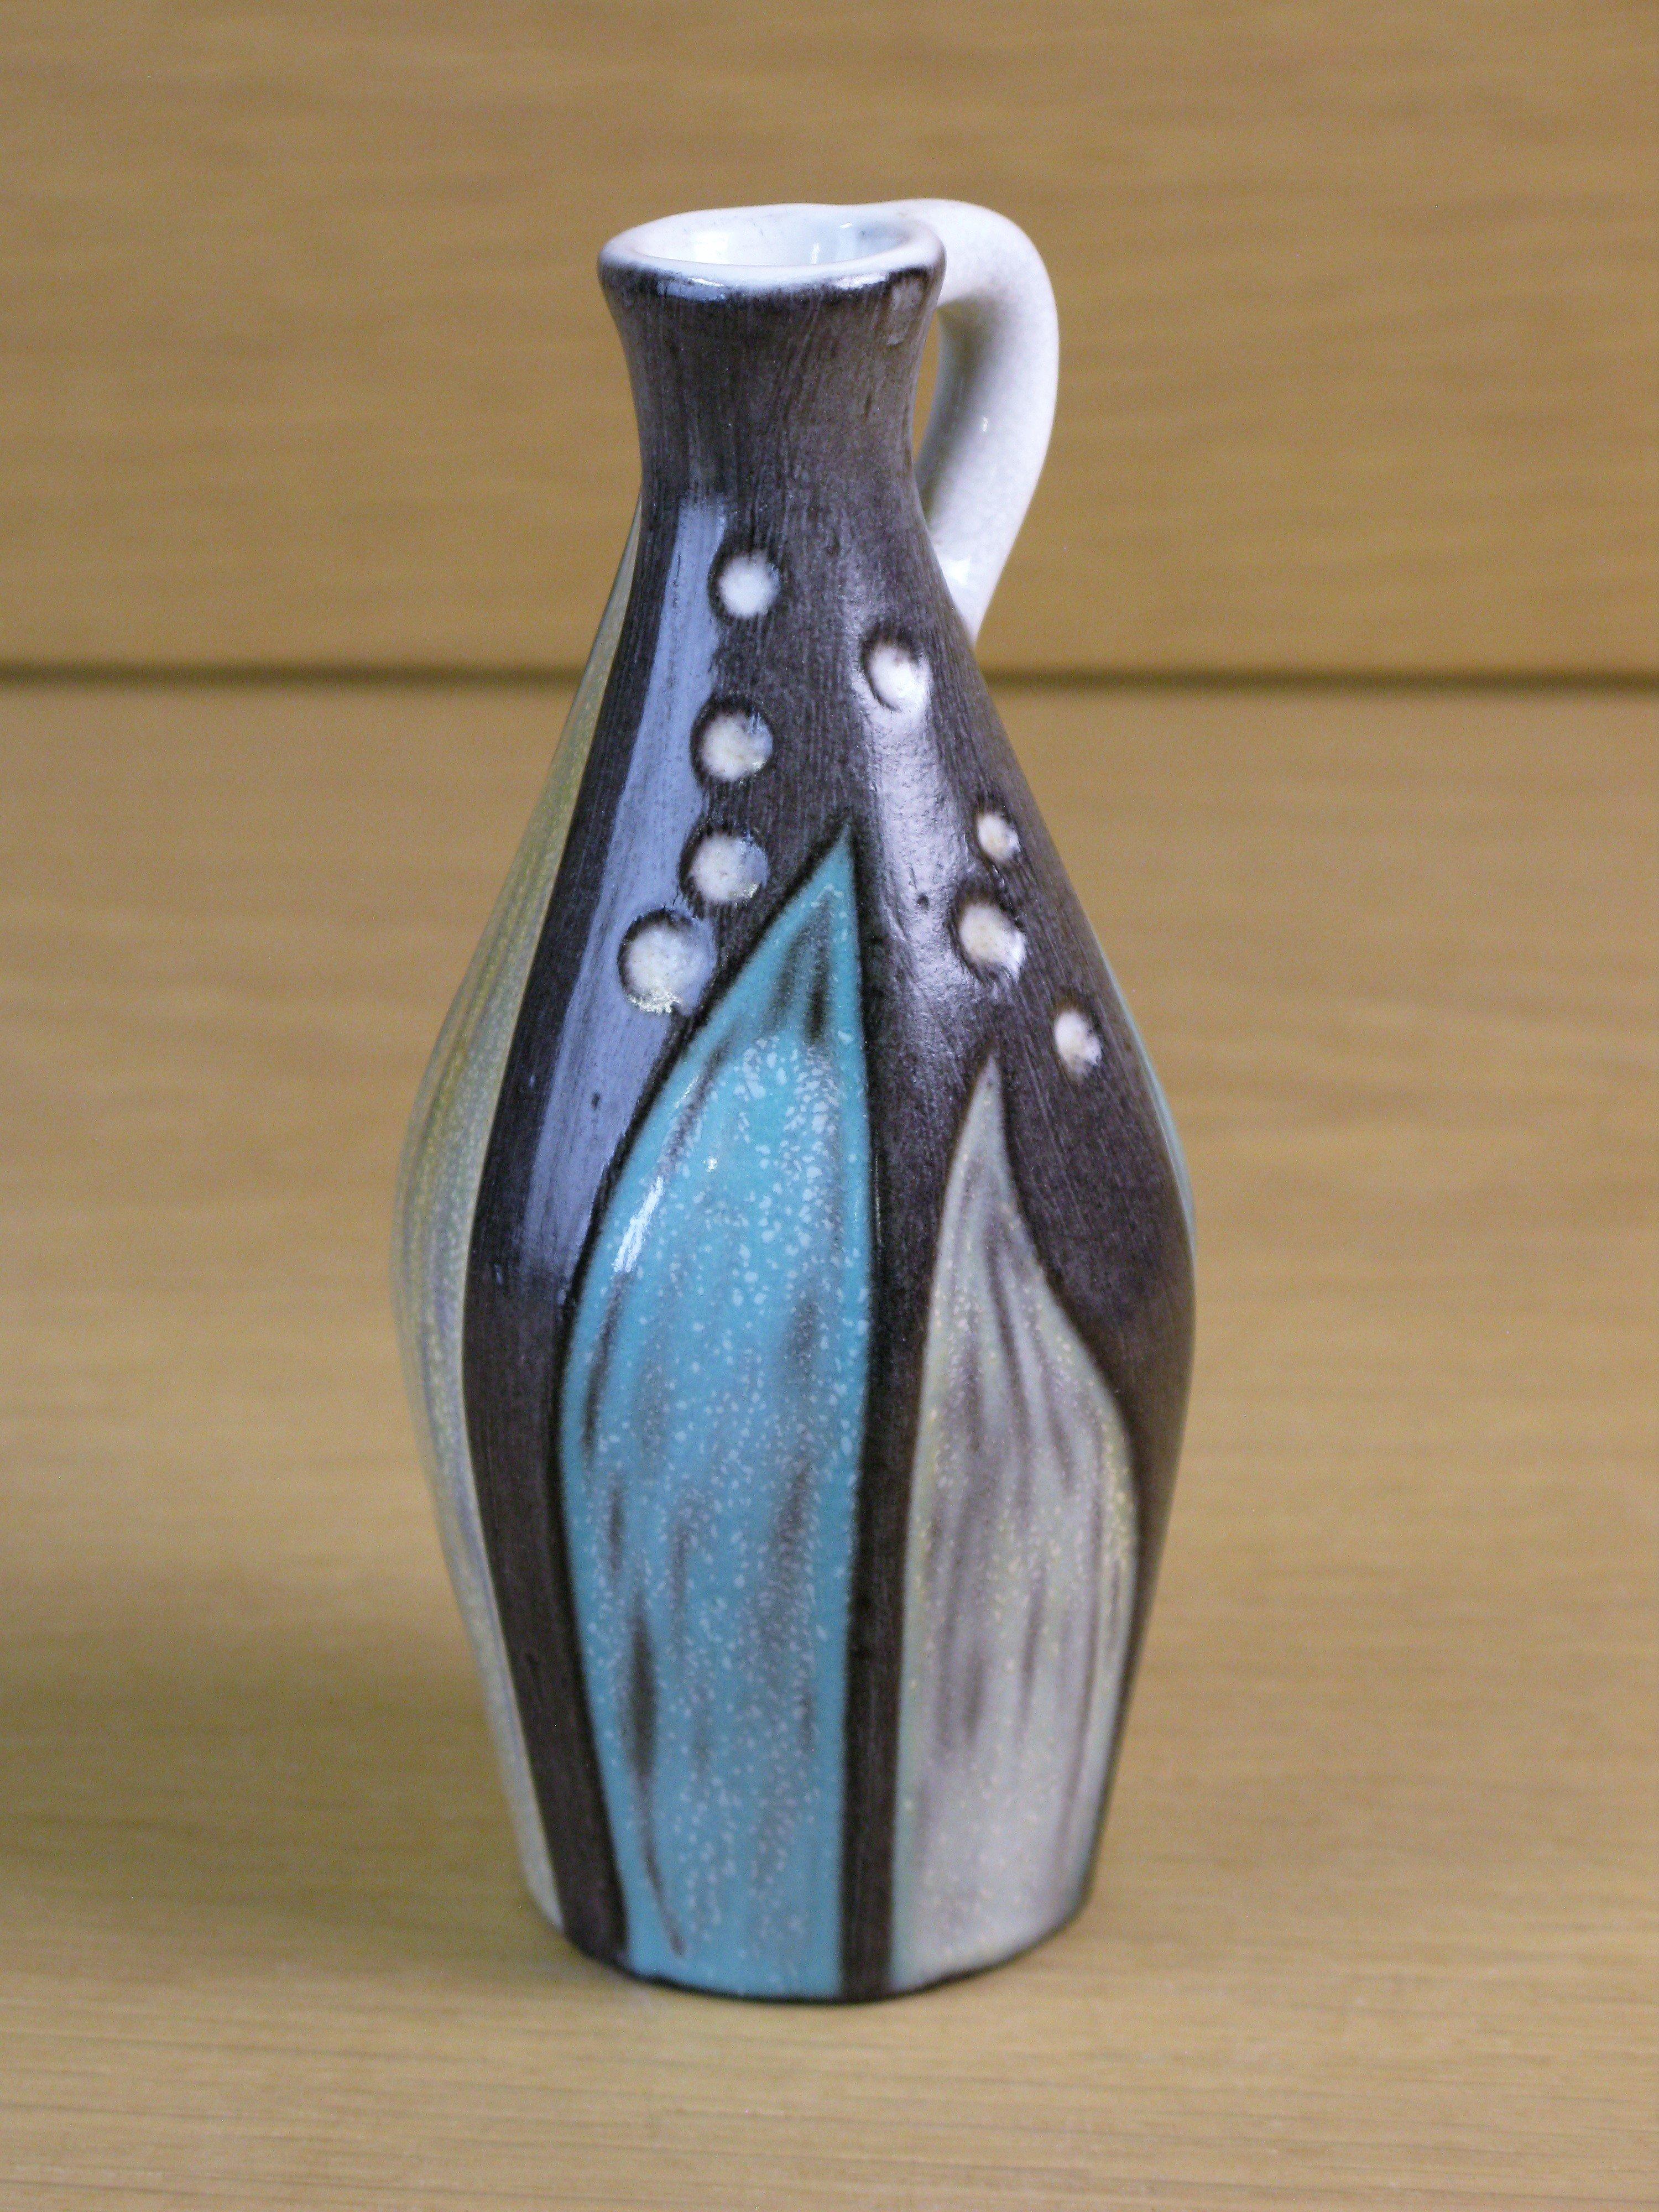 grey/turquoise vase 4330/679